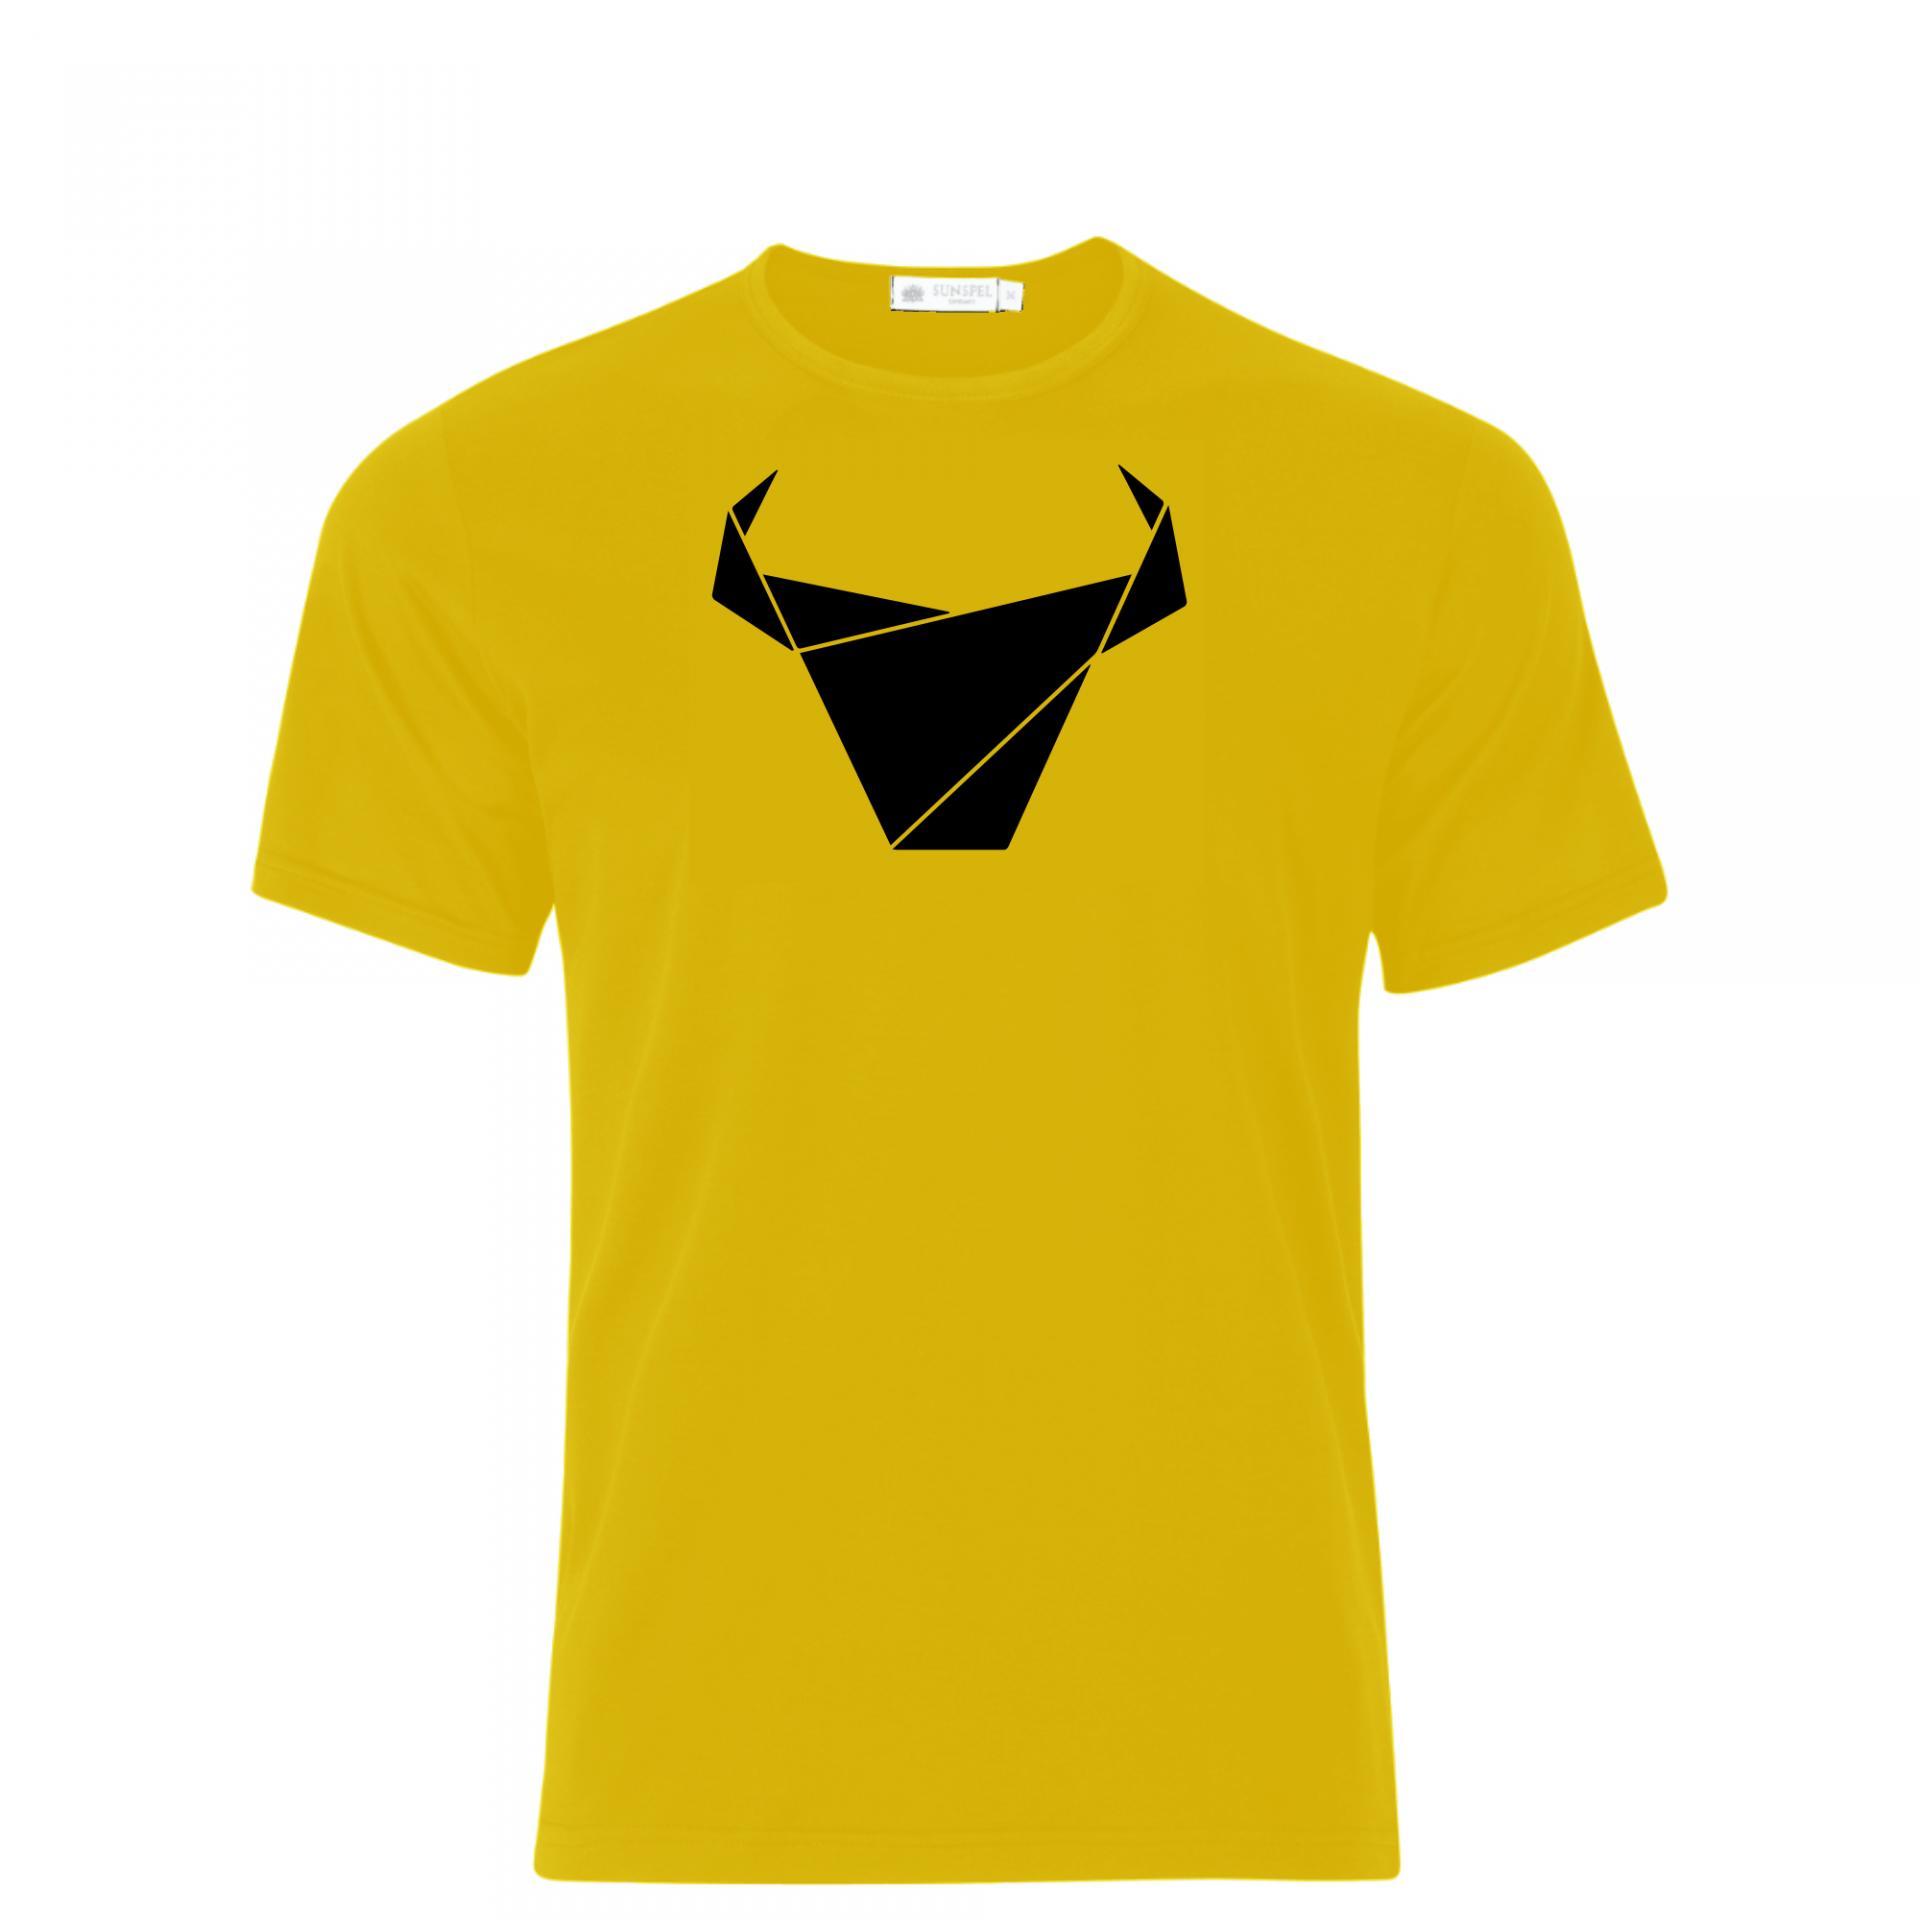 ESGOTADO T-Shirt Toiro / Criança / Amarelo